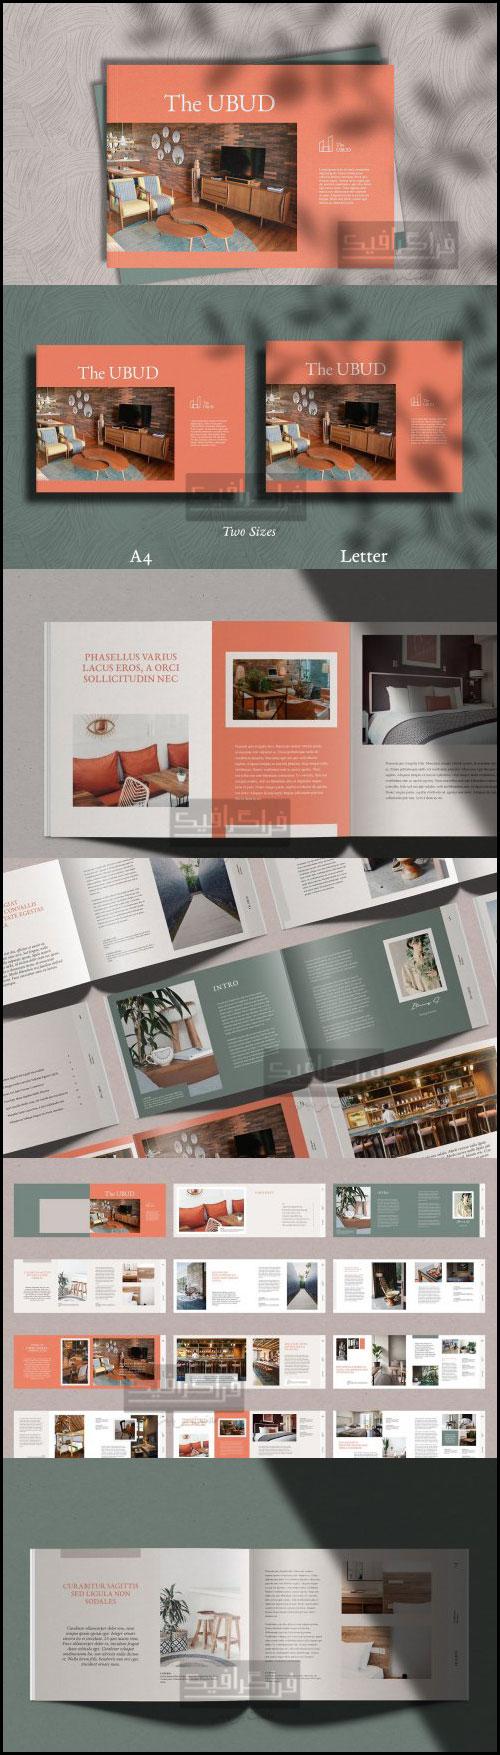 دانلود فایل لایه باز ایندیزاین مجله معماری - شماره 3